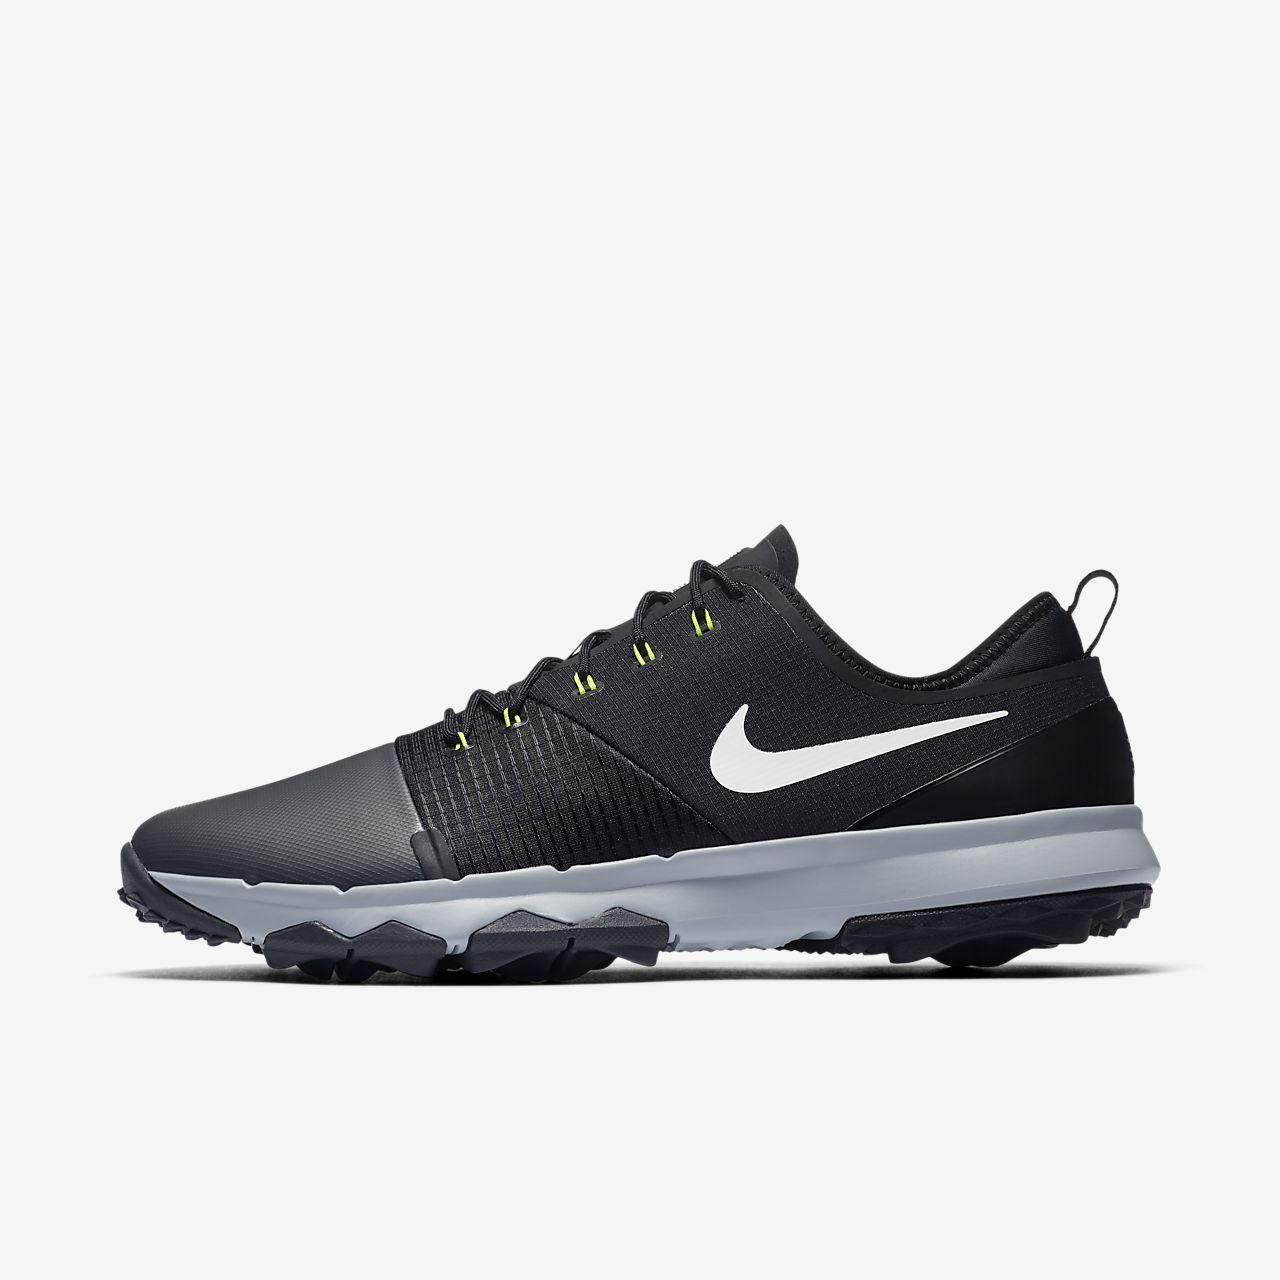 Nike FI Impact 3 Men's Golf Shoe